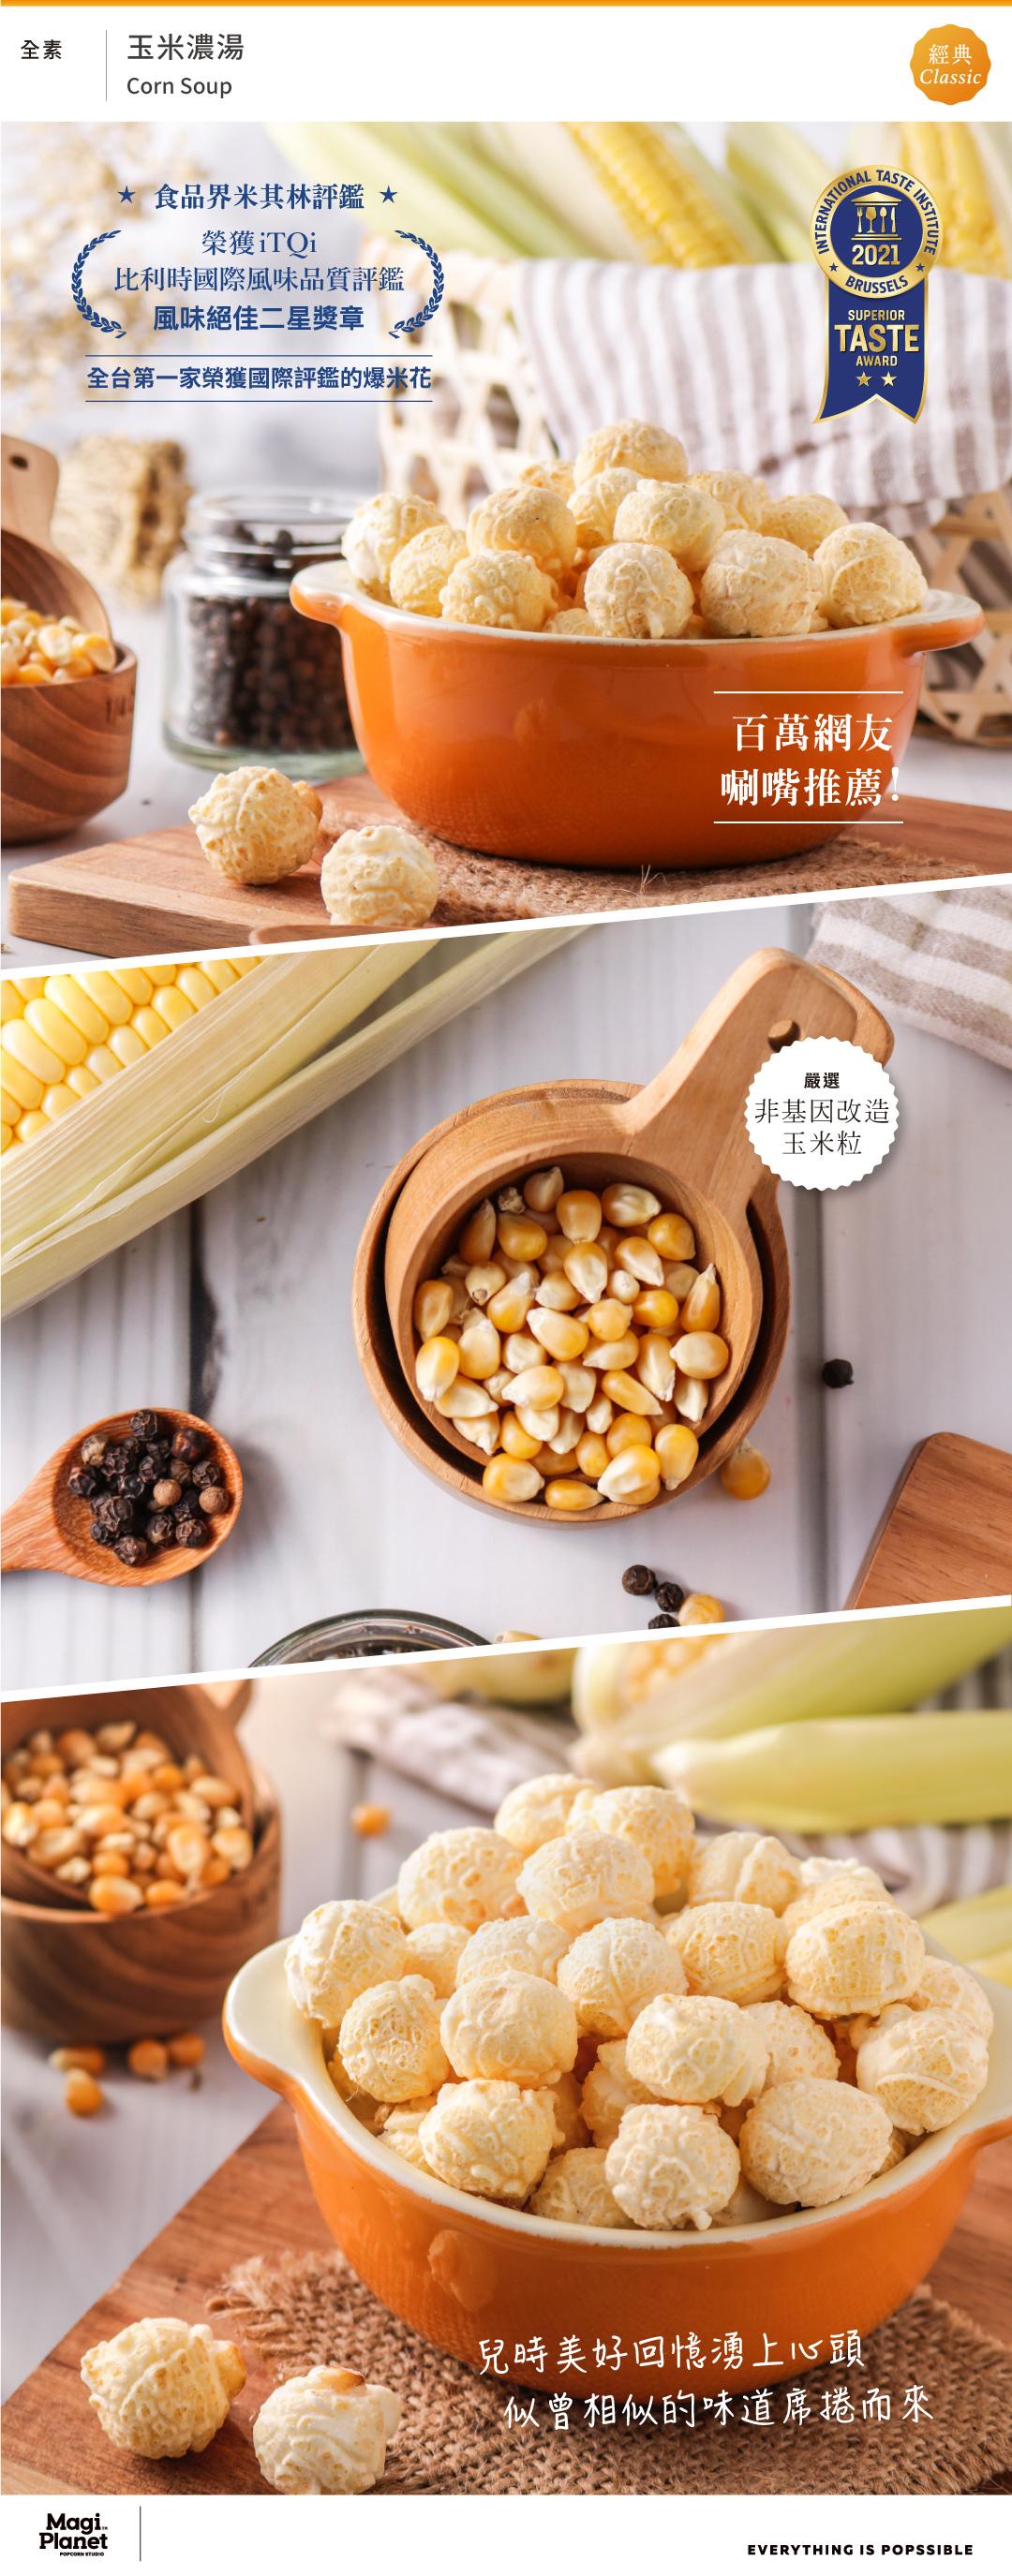 20210304_品牌營運_官網iTQi標章_更換(商品頁面-玉米濃湯)